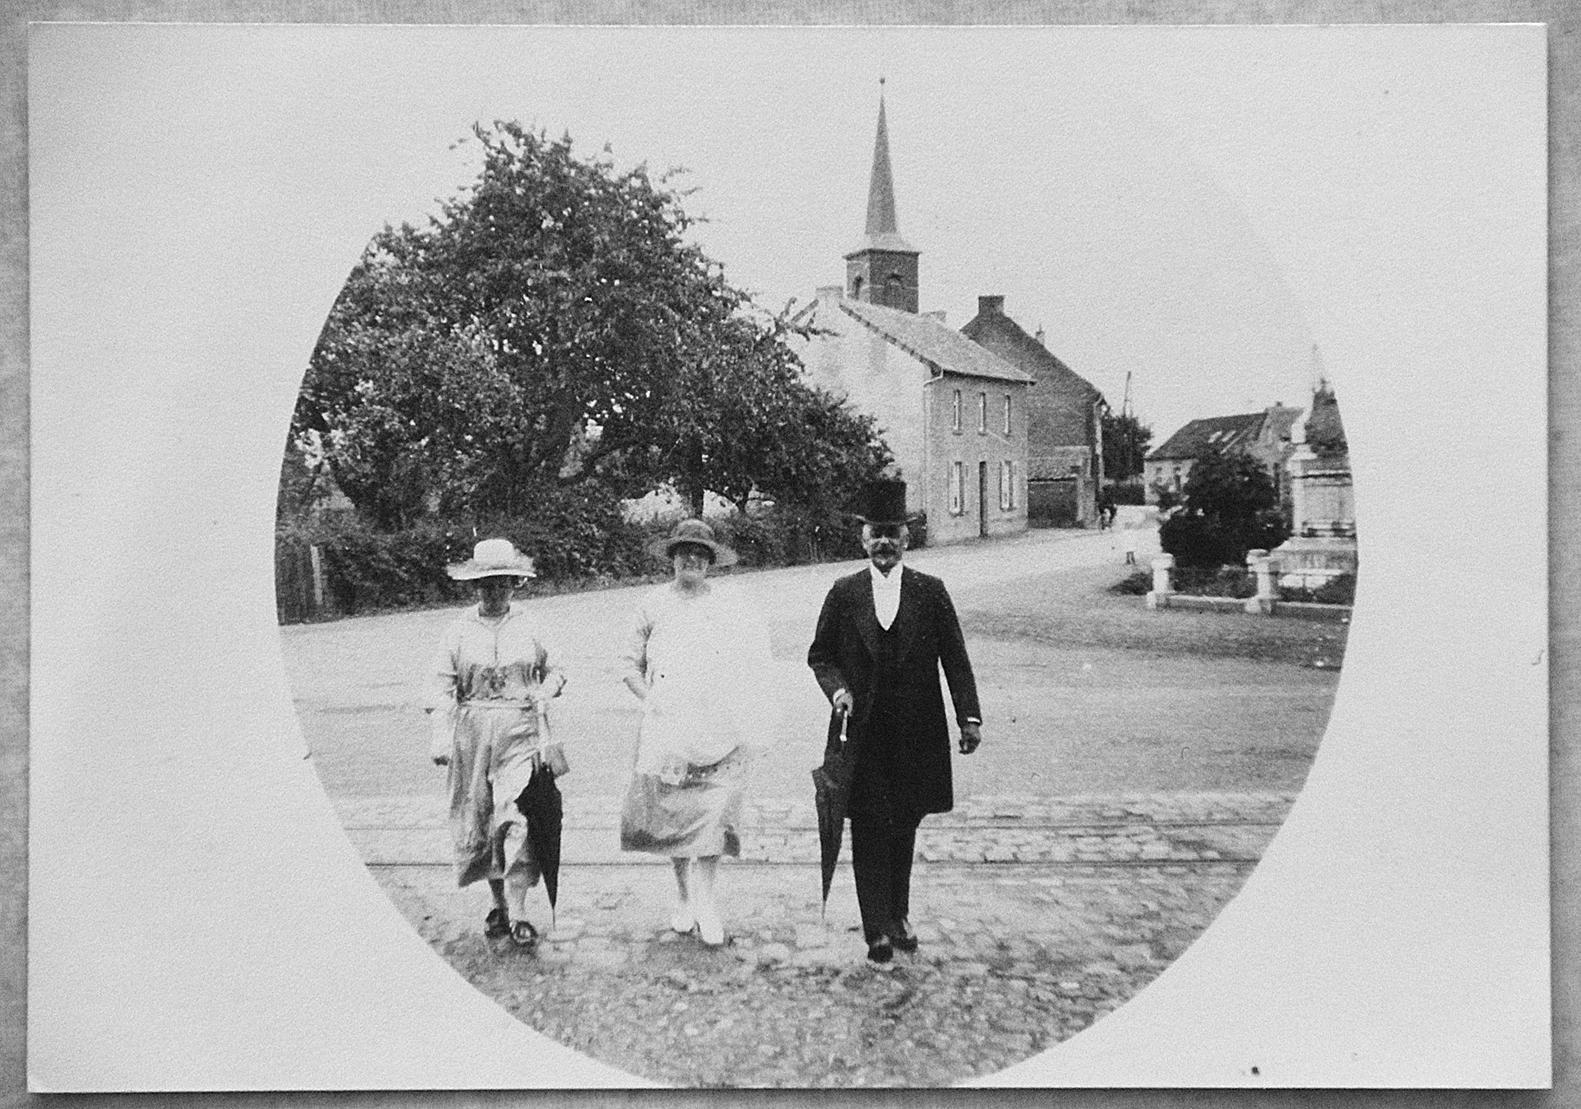 Geschiedenis van de Dorpsstraat ontrafeld (Dilsen-Stokkem) - Het Belang van Limburg